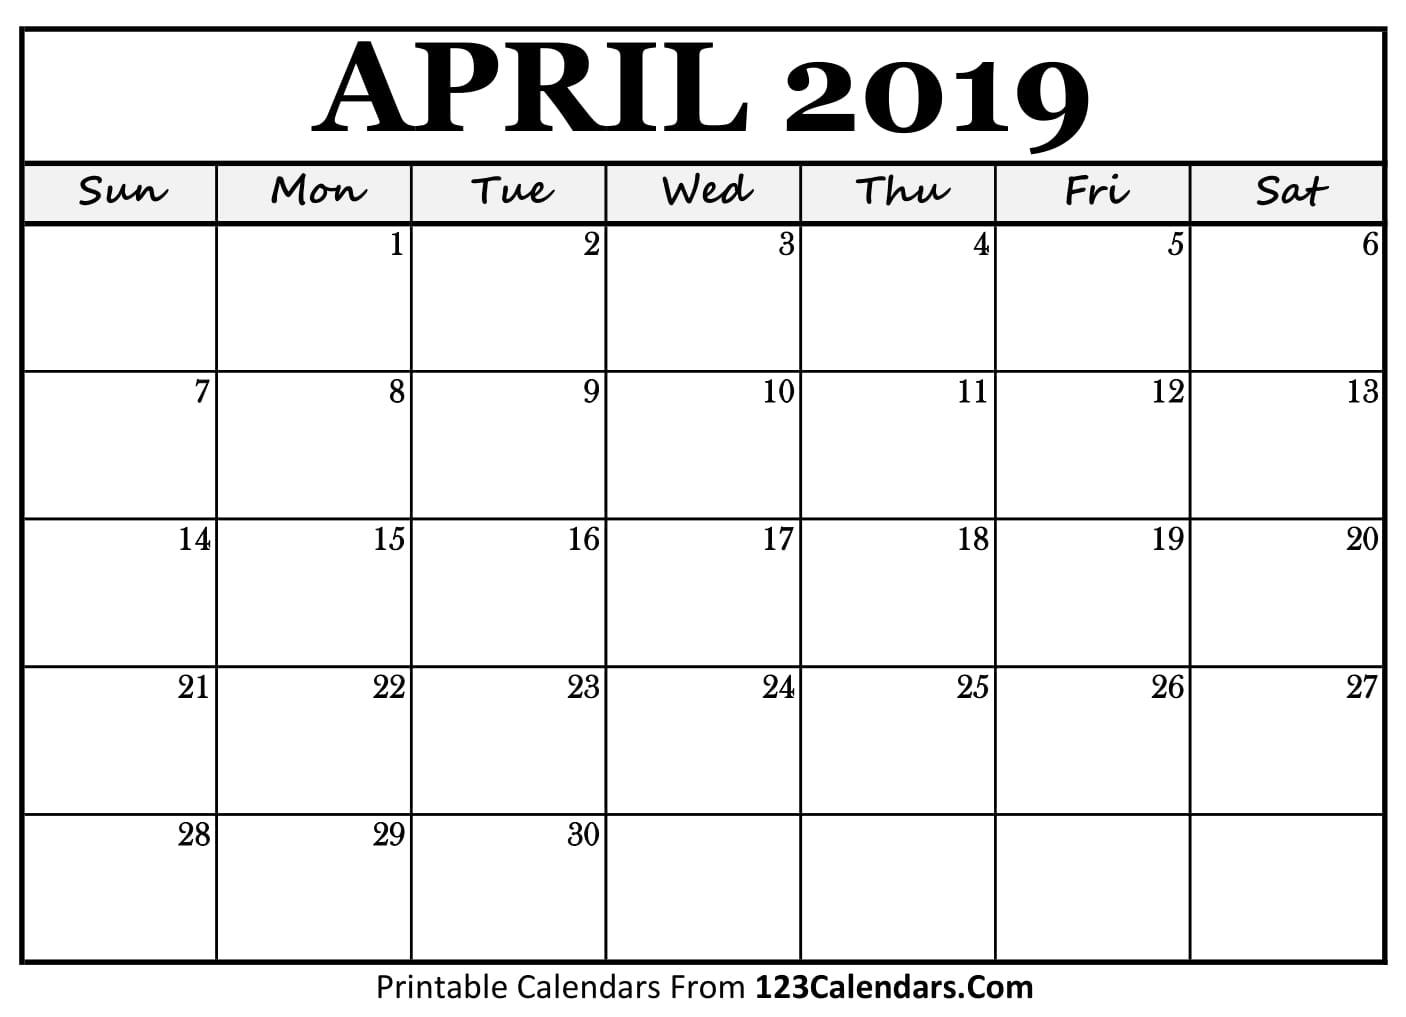 April 2018 Calendar Printable April 2018 Calendar Printable April 2018 Calendar Printable